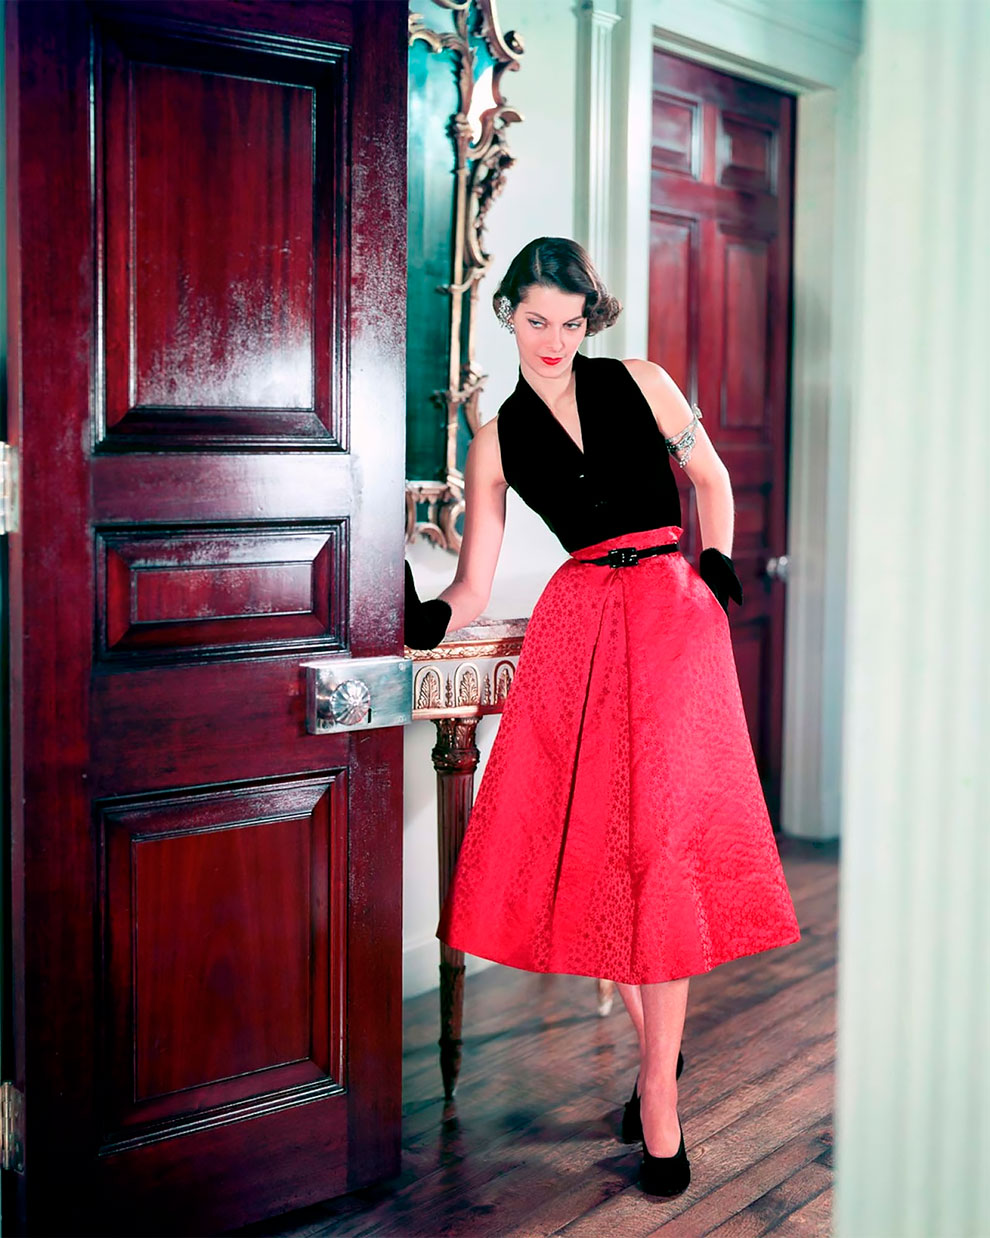 В потрясающих цветах фото Женевьевы Нейлор, 1945-1959 (10).jpg